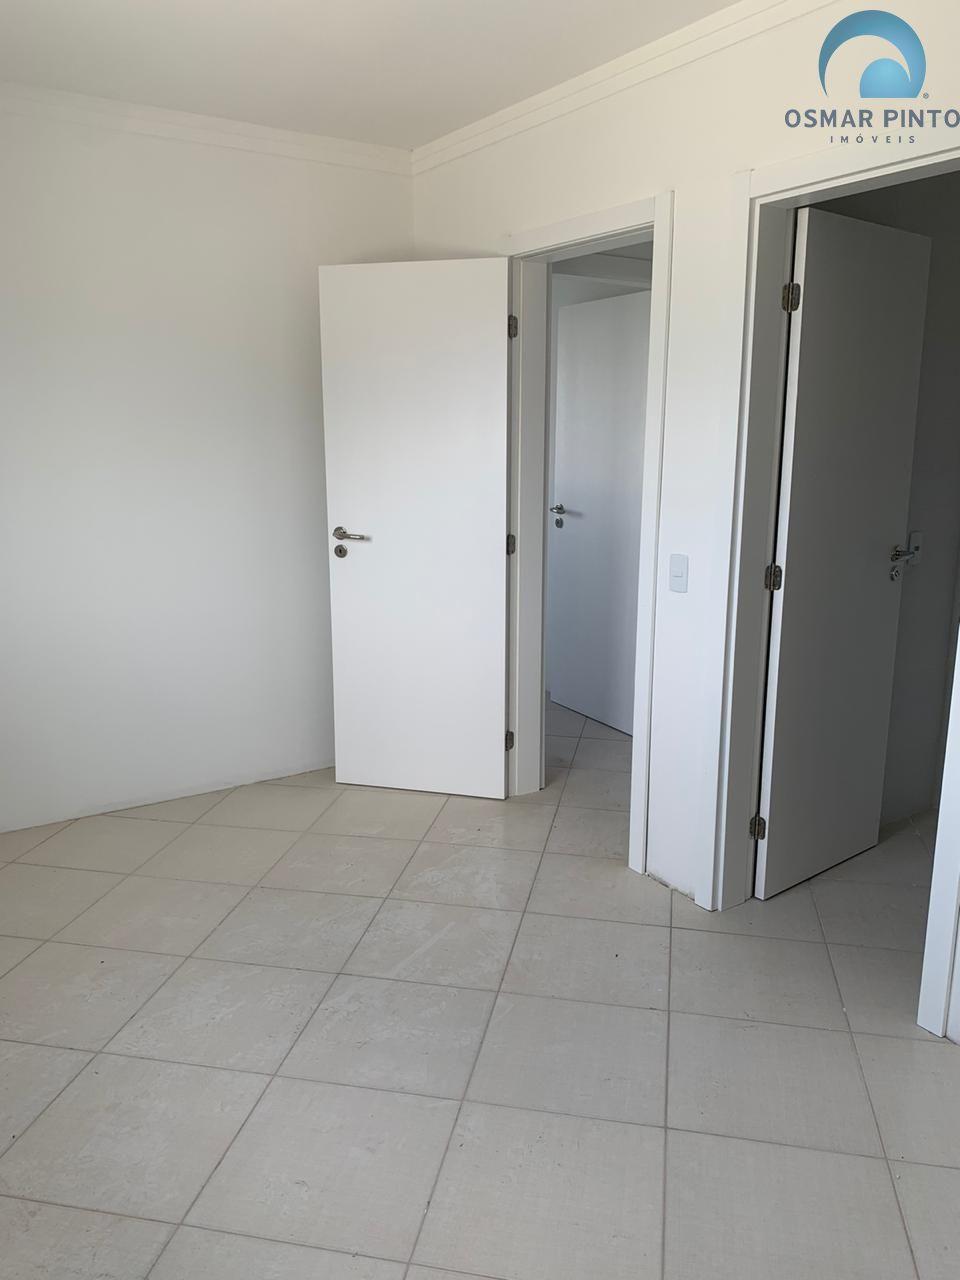 Apartamento 3 dormitórios em Torres, no bairro Stan